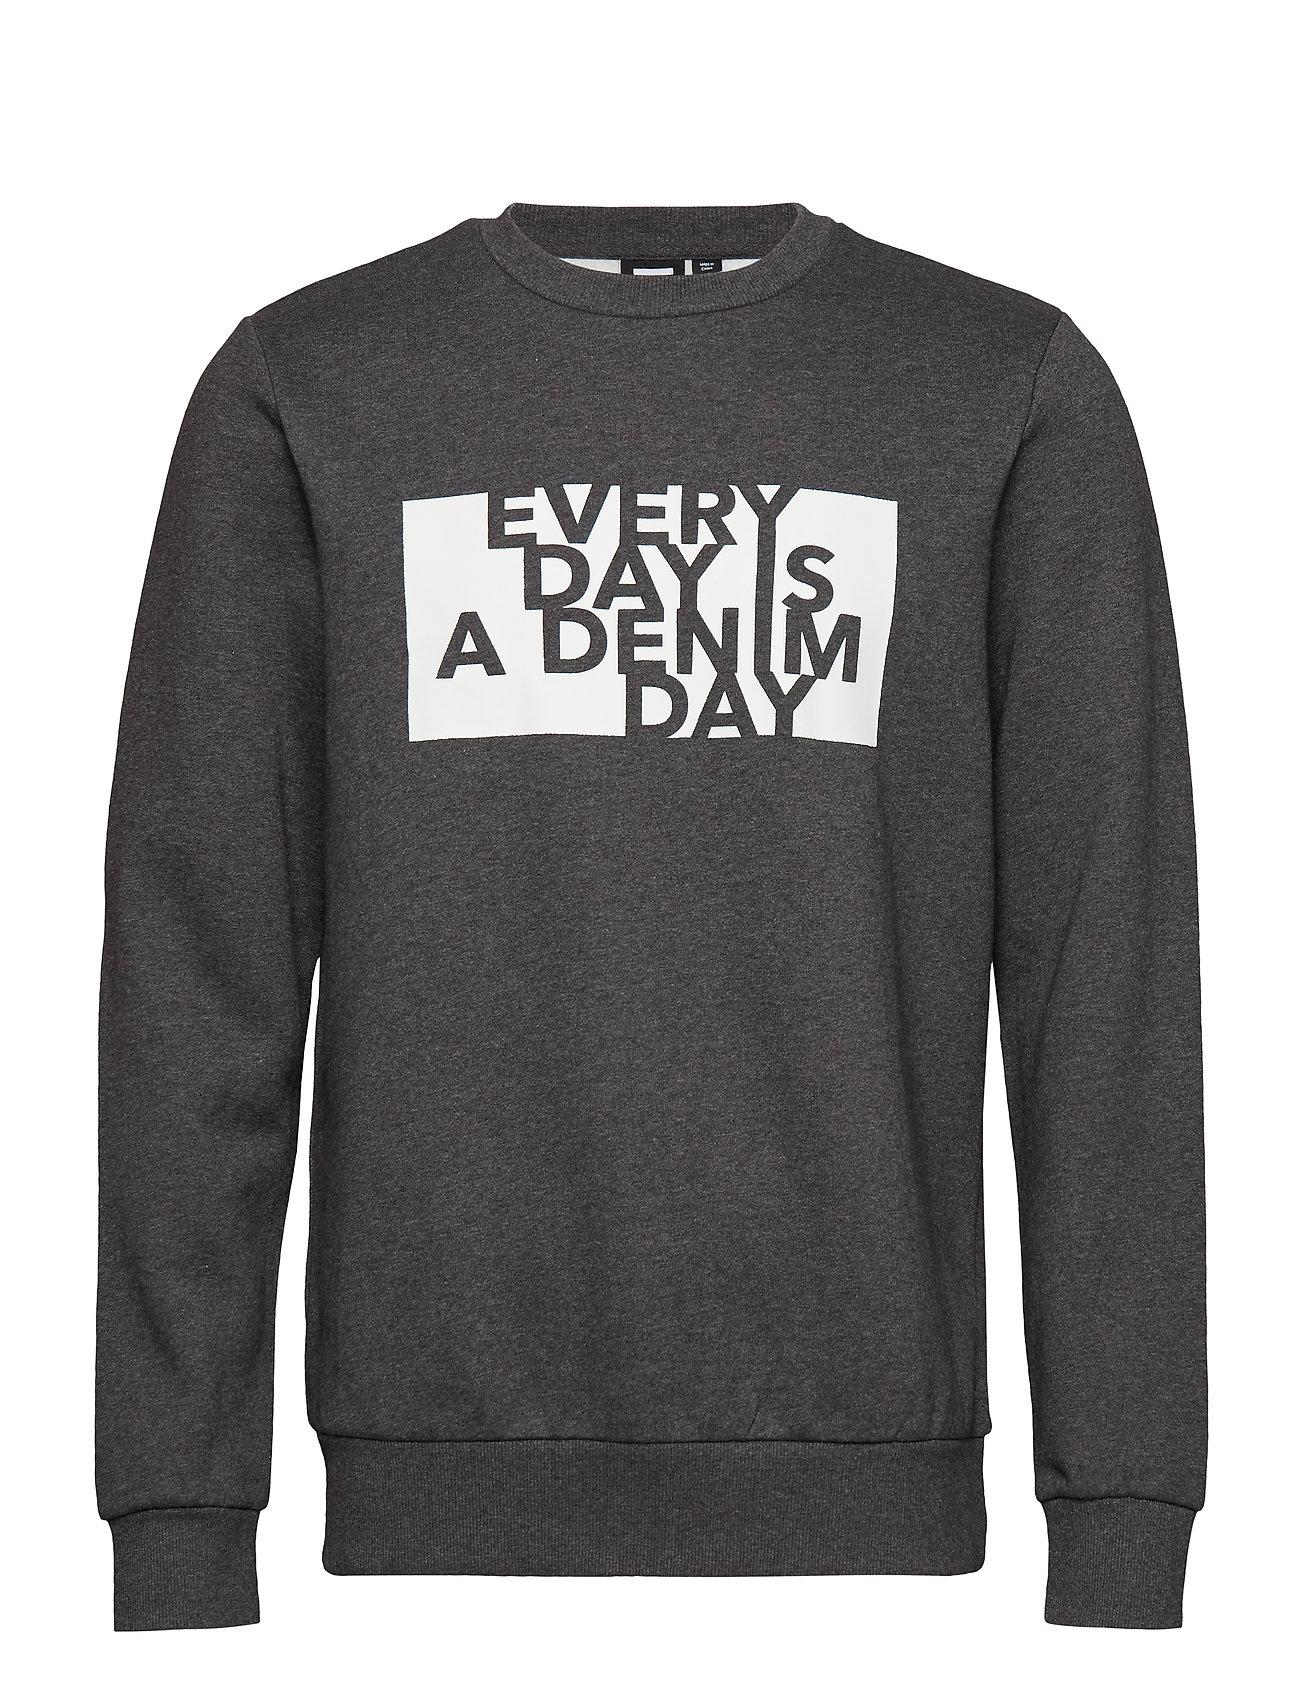 Sweaterdark Adrian Sweaterdark Grey DayDrDenim DayDrDenim Sweaterdark Adrian Grey Grey Adrian D29IHE